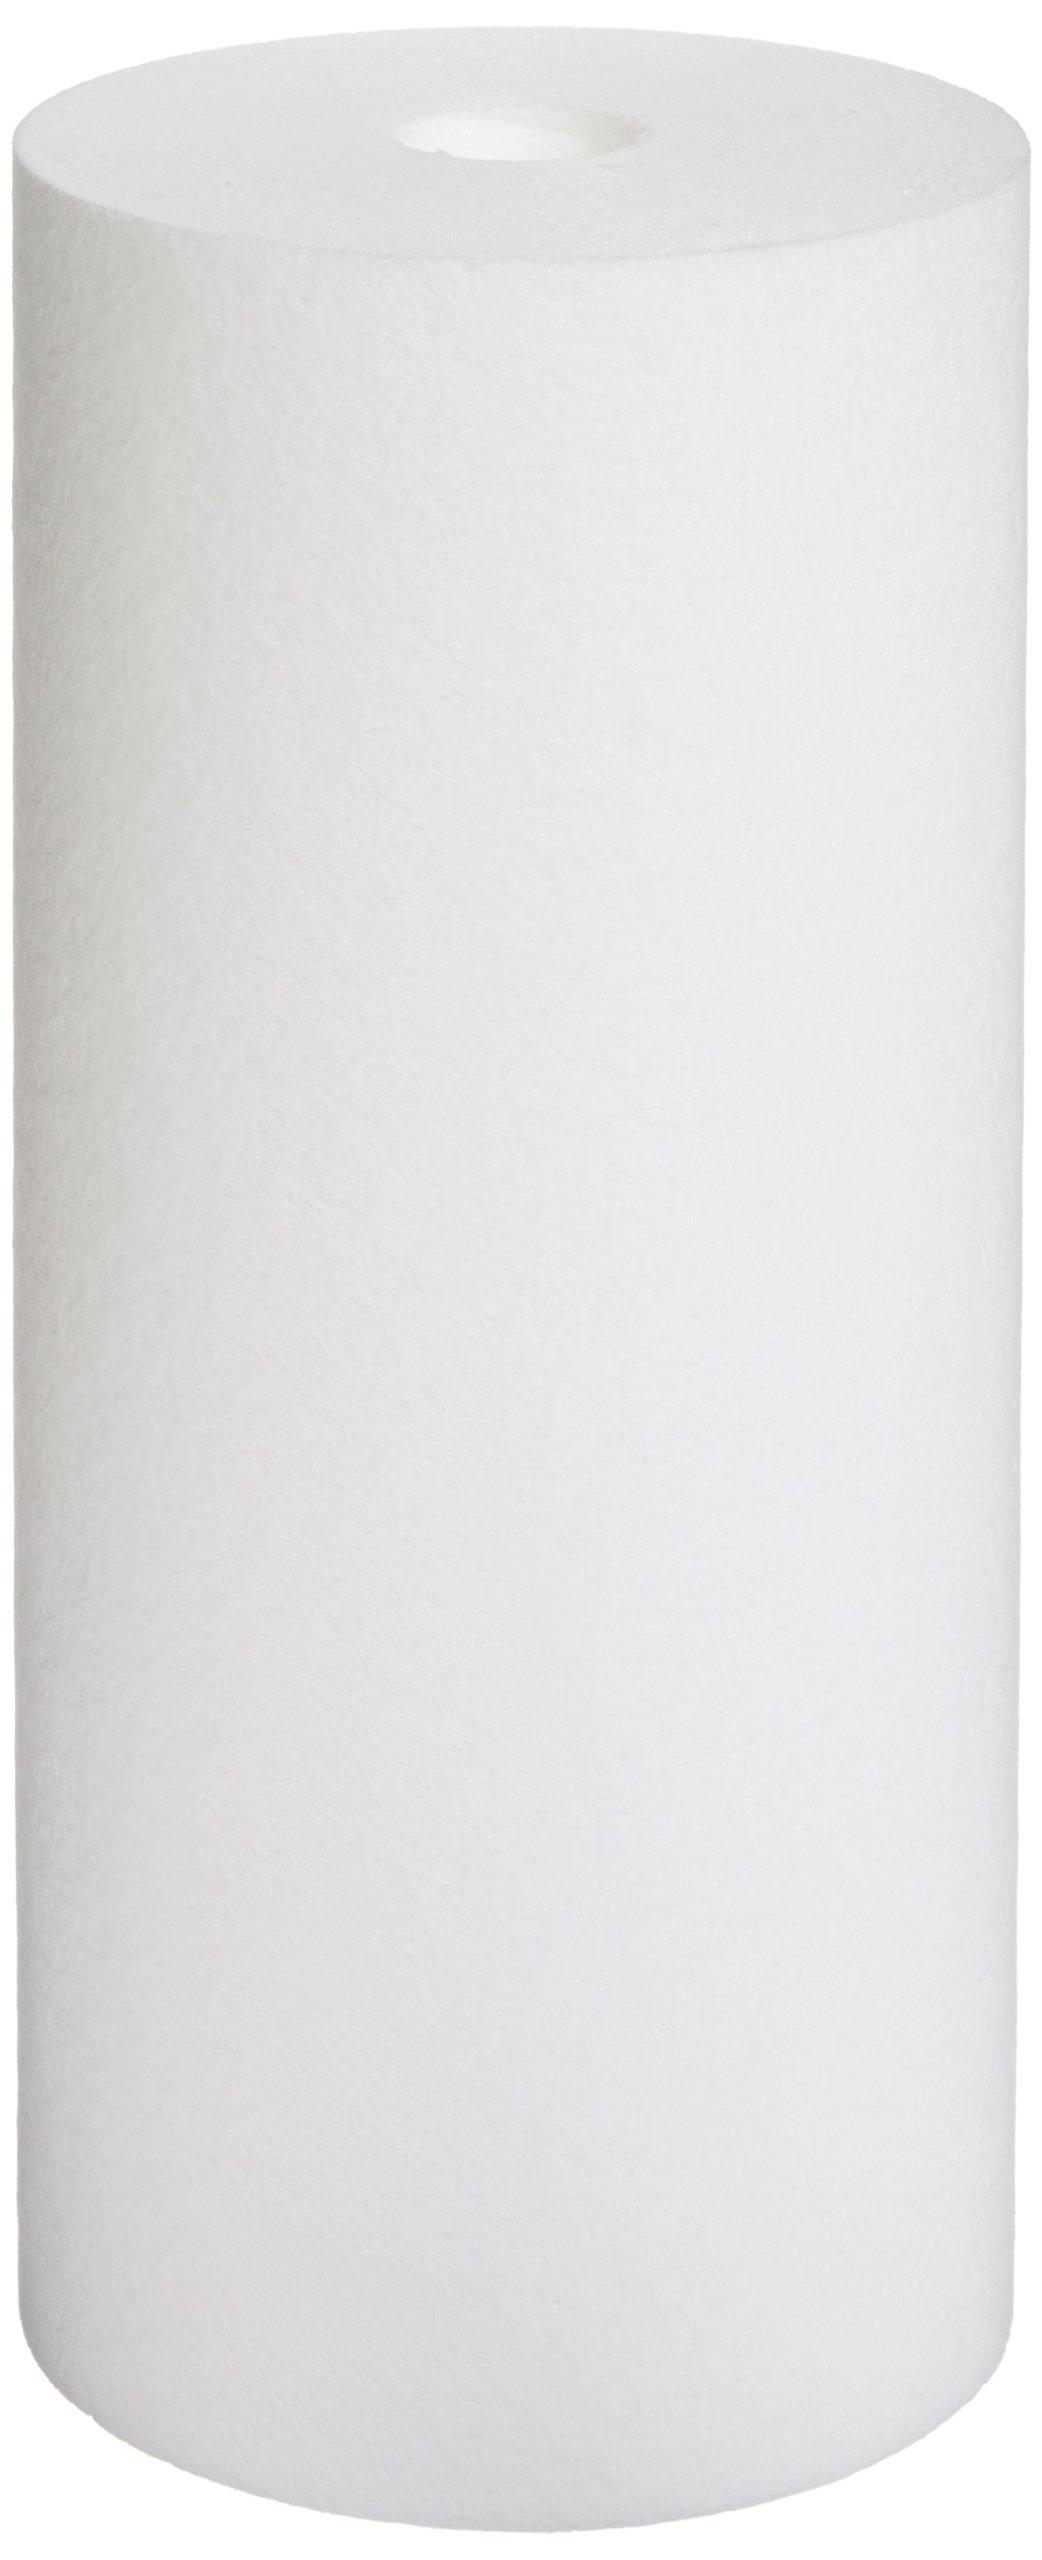 Pentek DGD-2501 Spun Polypropylene Filter Cartridge, 10'' x 4-1/2''